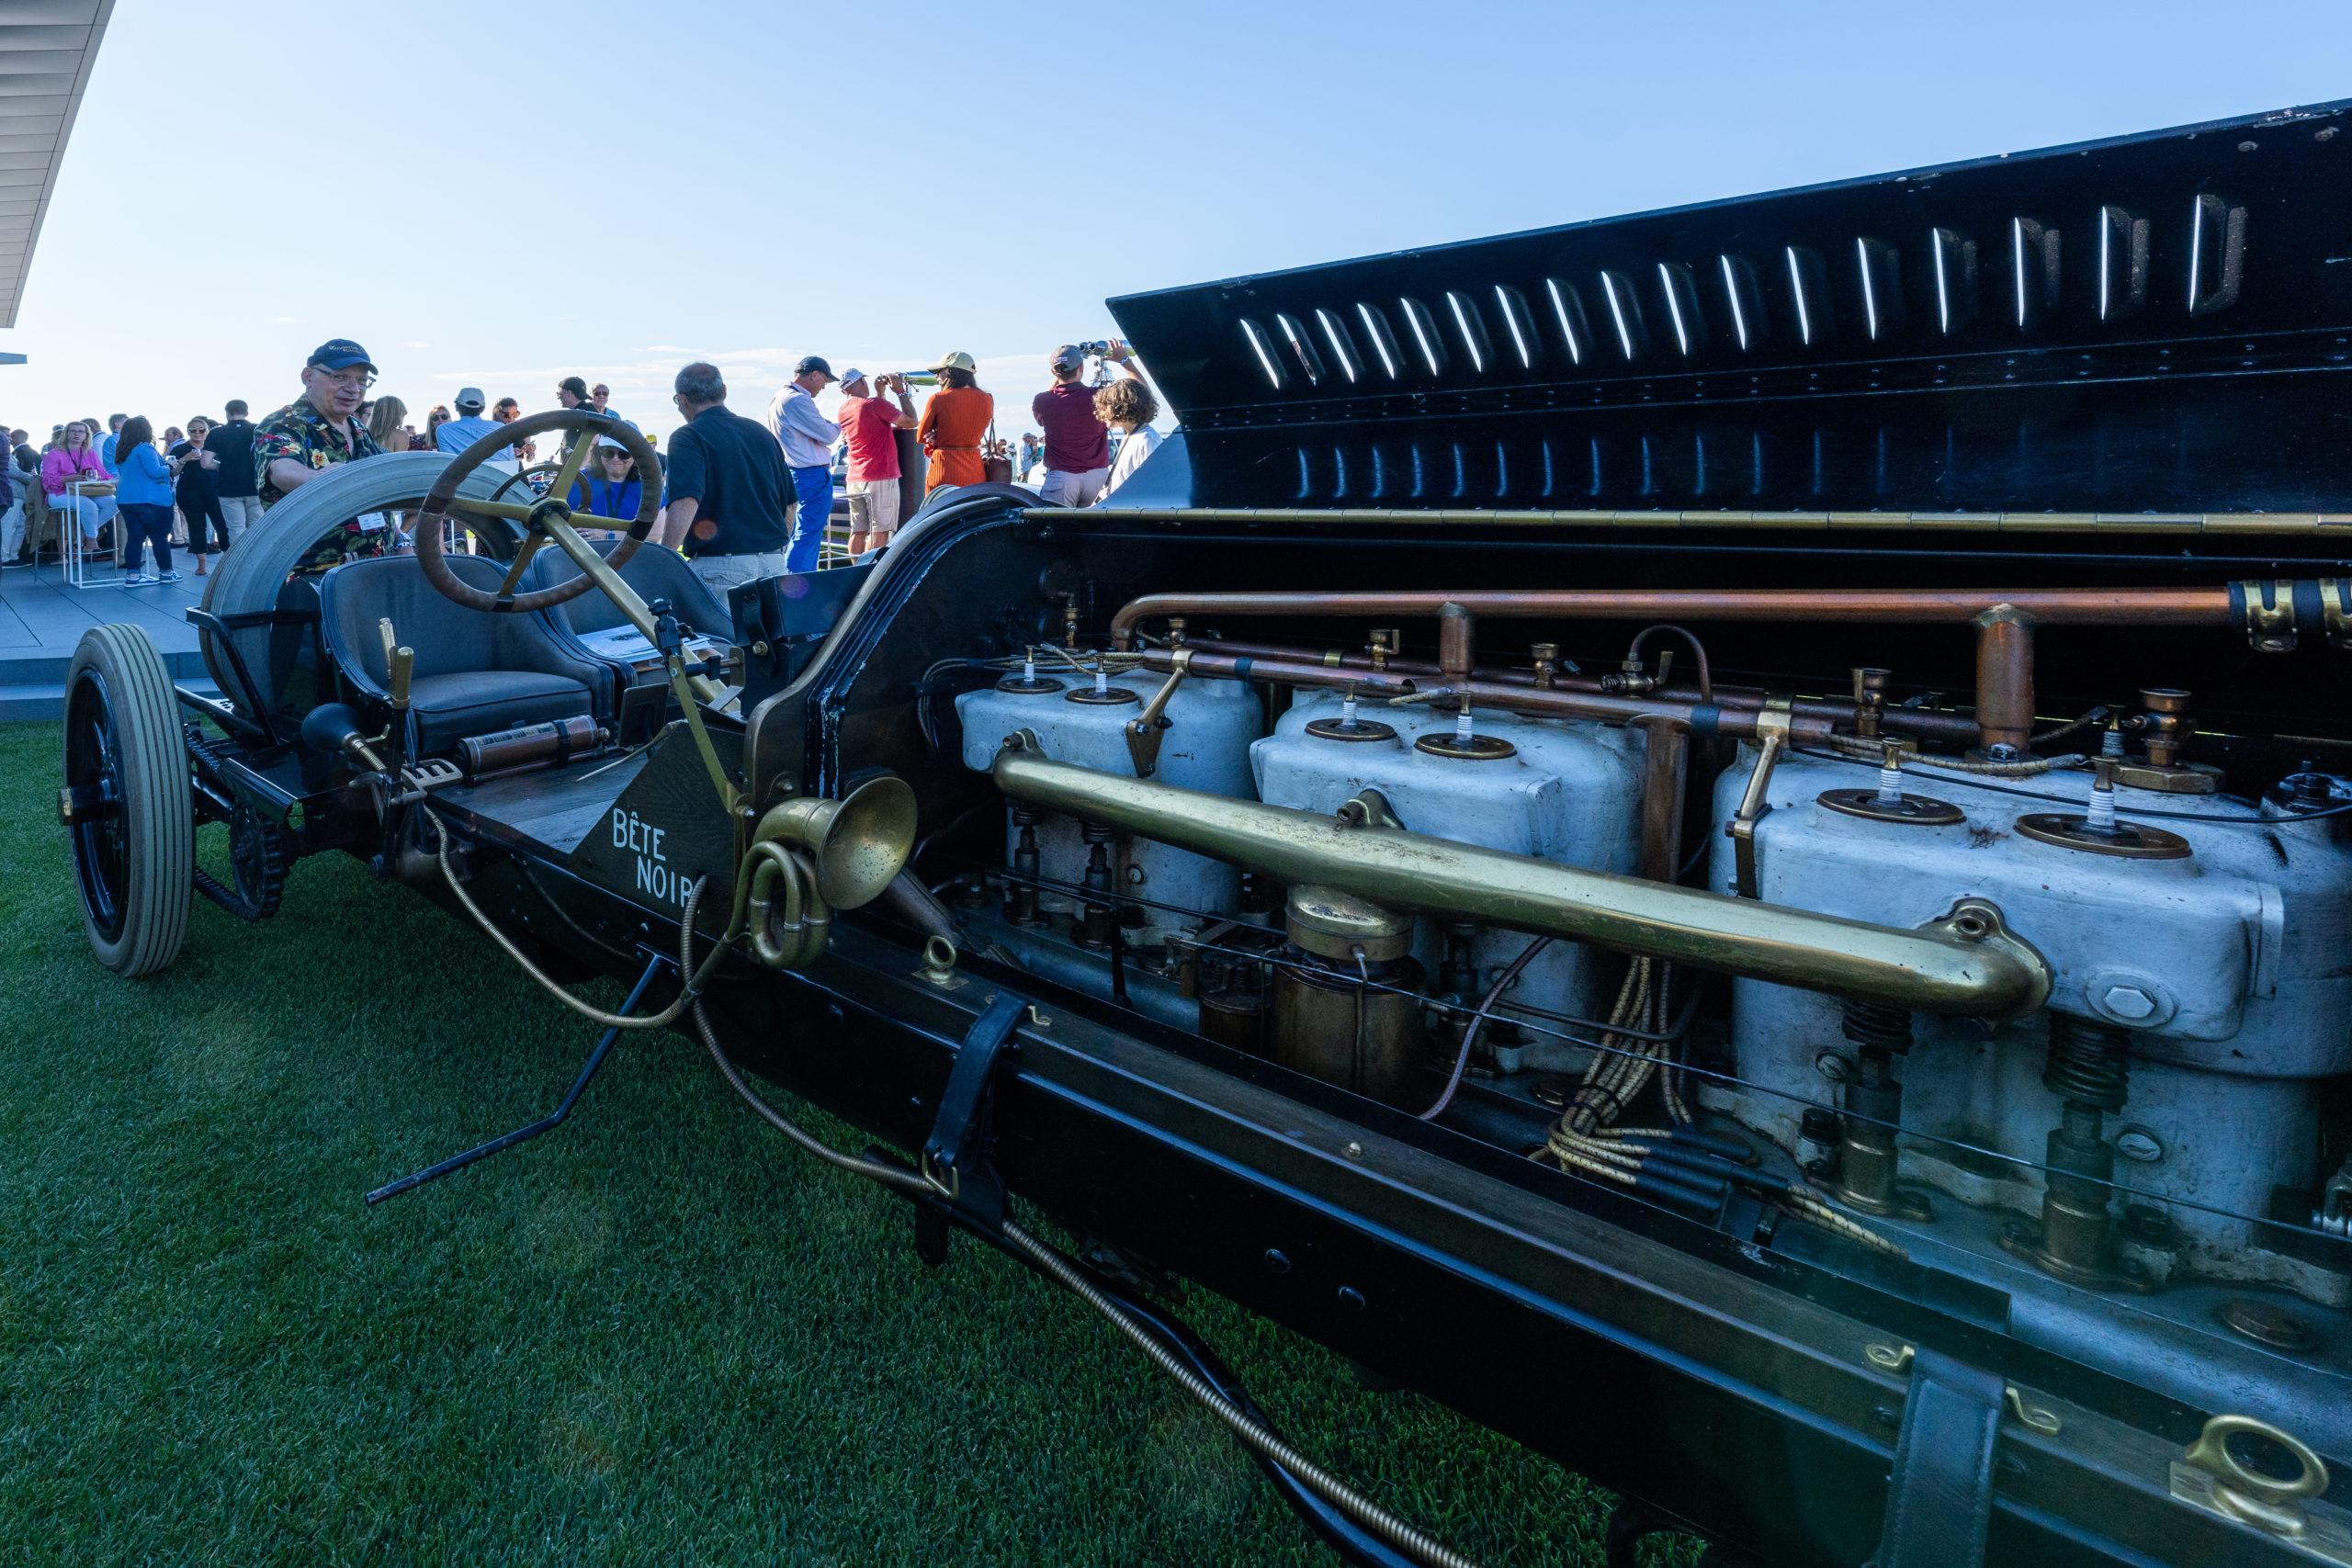 A vintage Indianapolis 500 car.